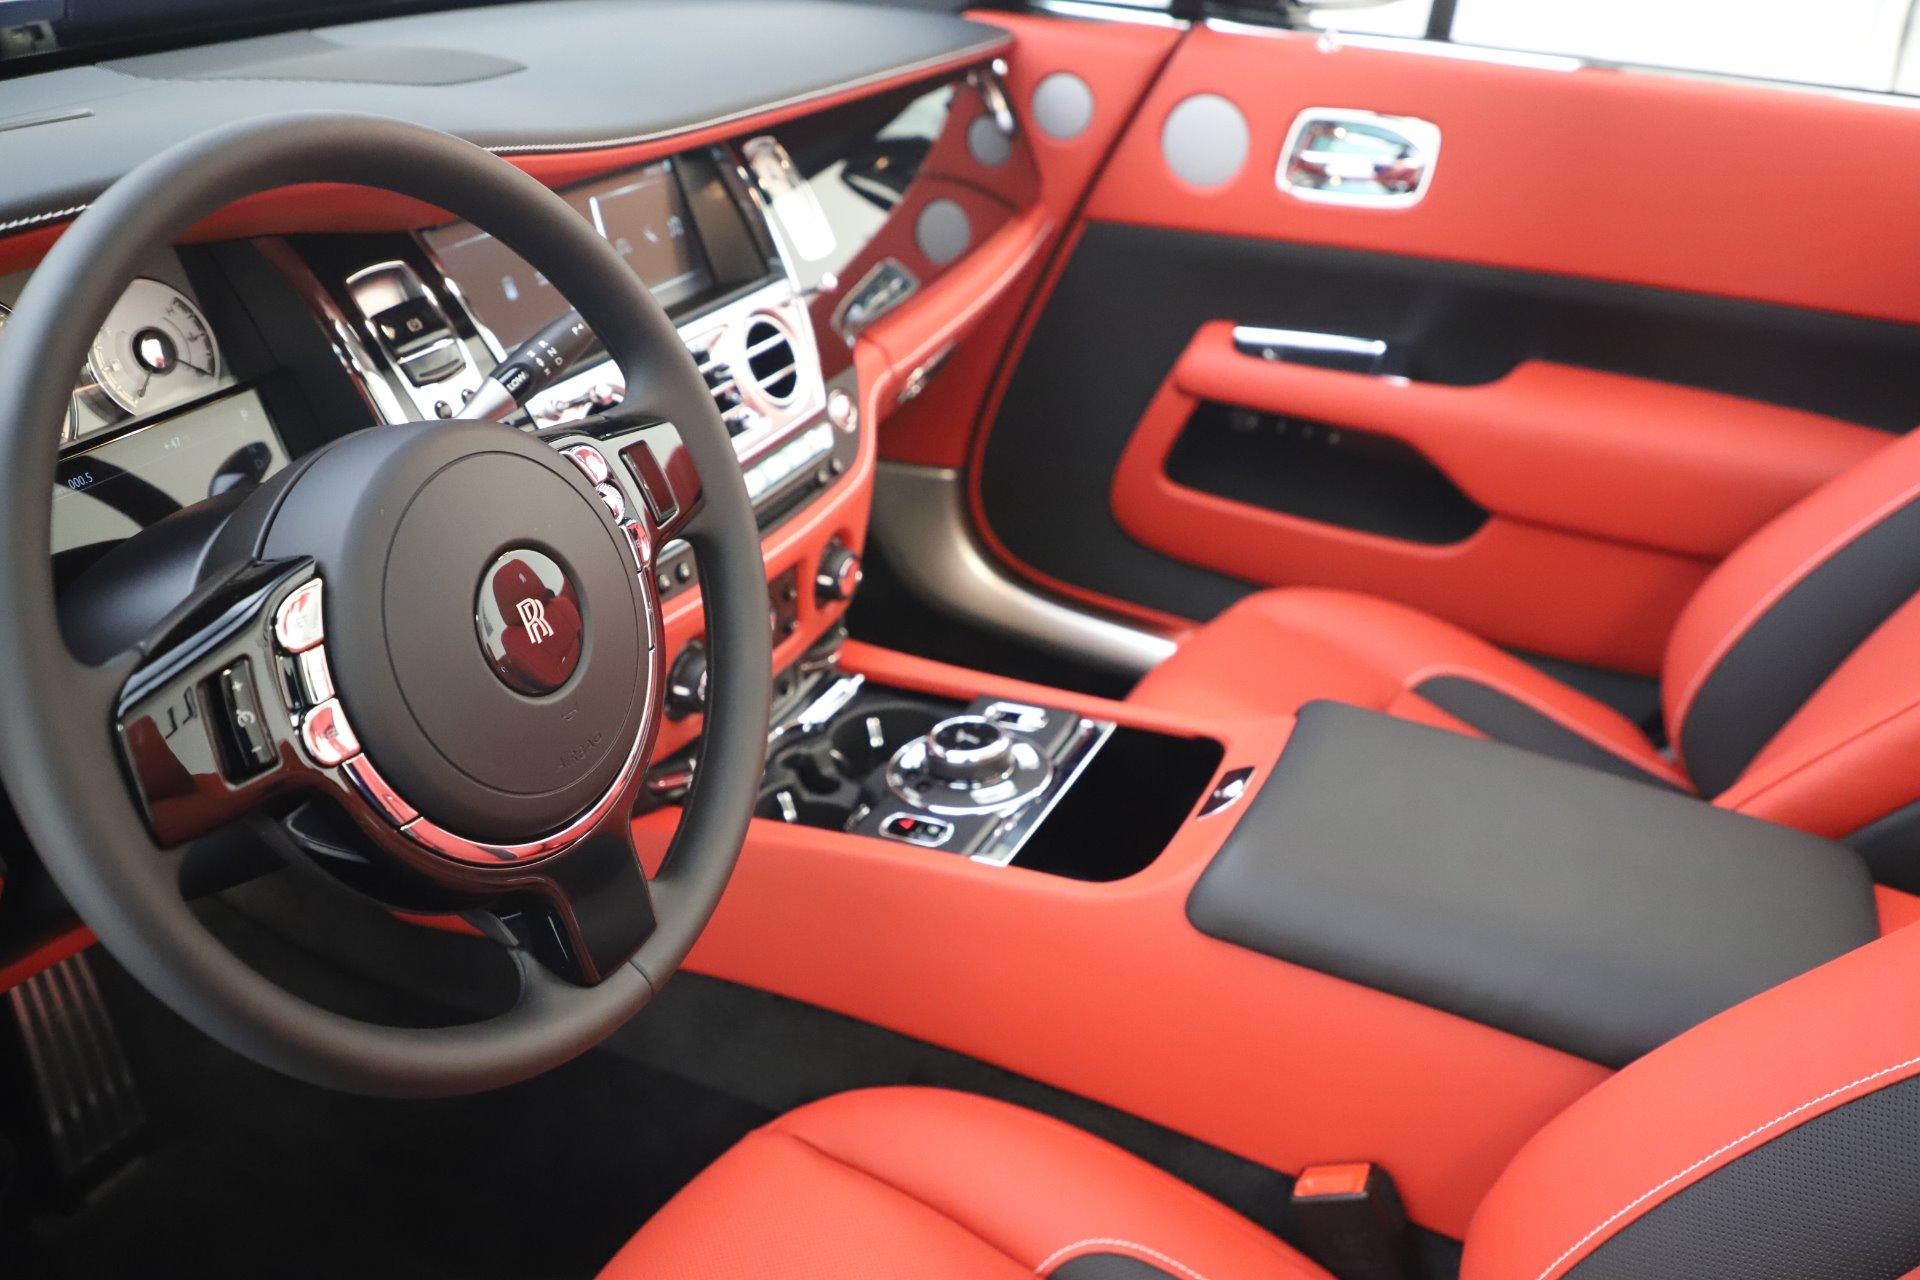 New 2020 Rolls Royce Dawn